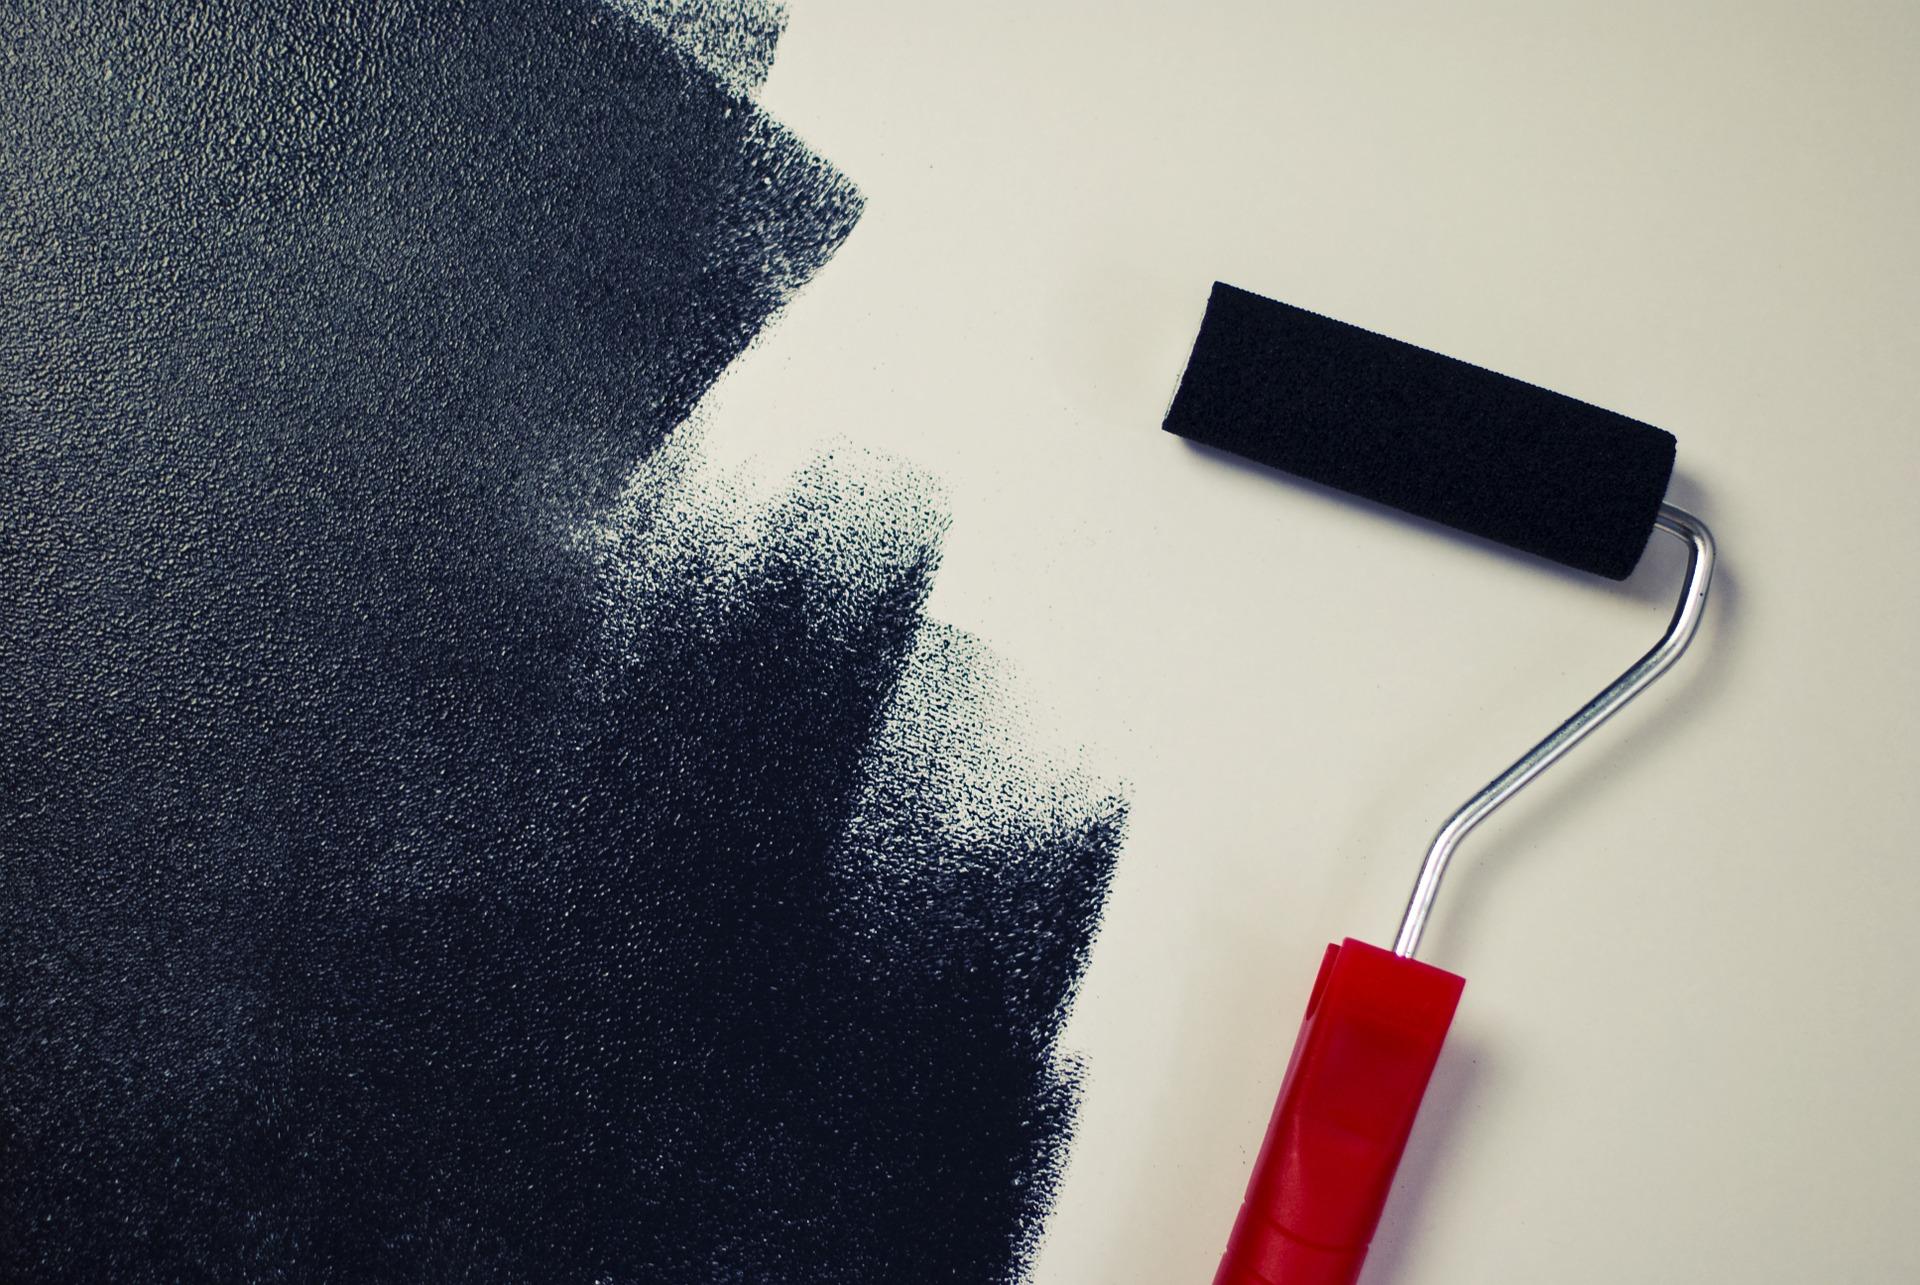 なぜ塗装業者はホームページ制作をするべきなのか?